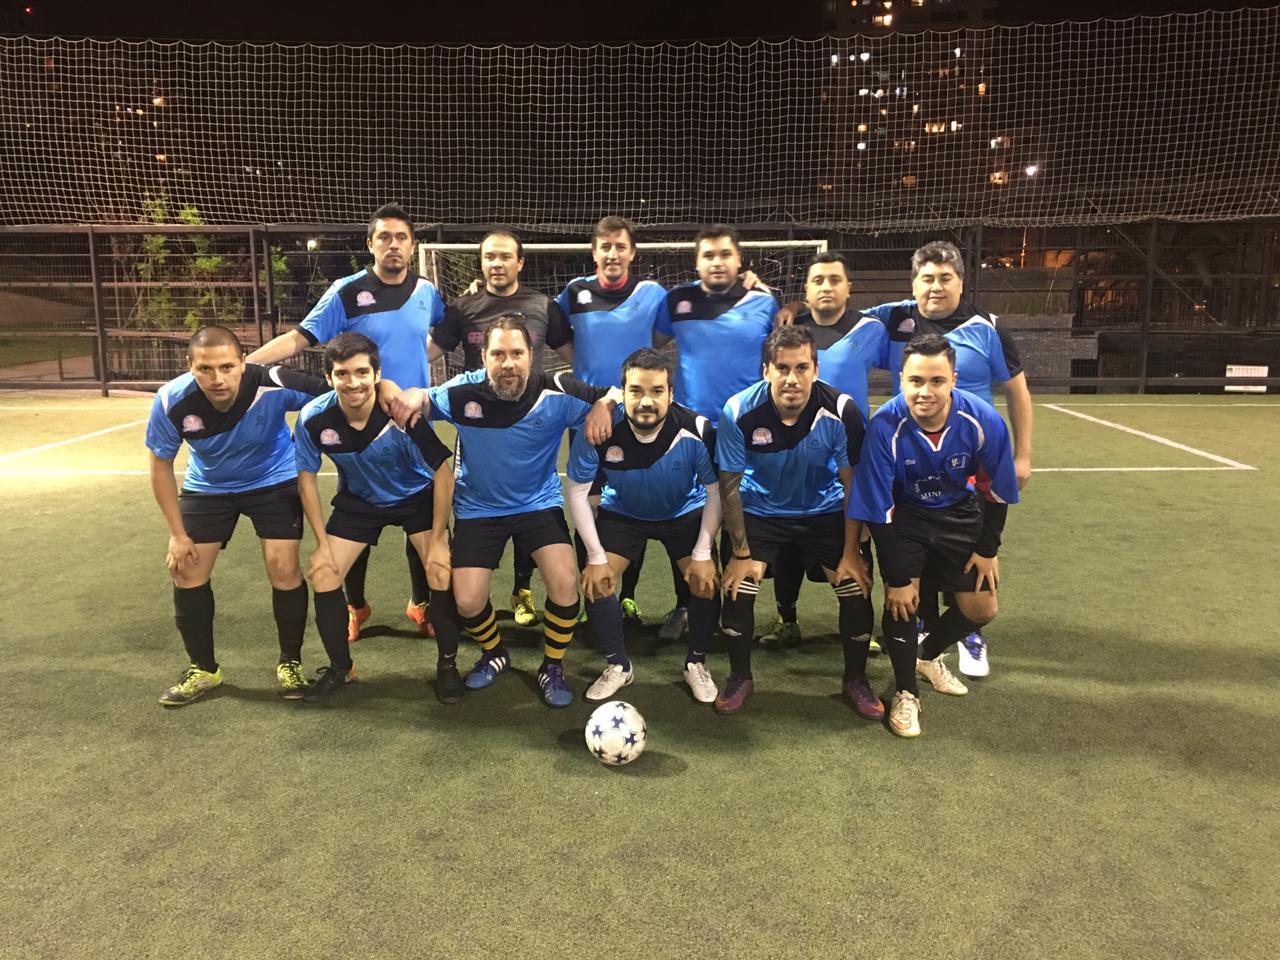 Equipo de futbolito de ANDIME en carrera por título de torneo de servicios de Educación